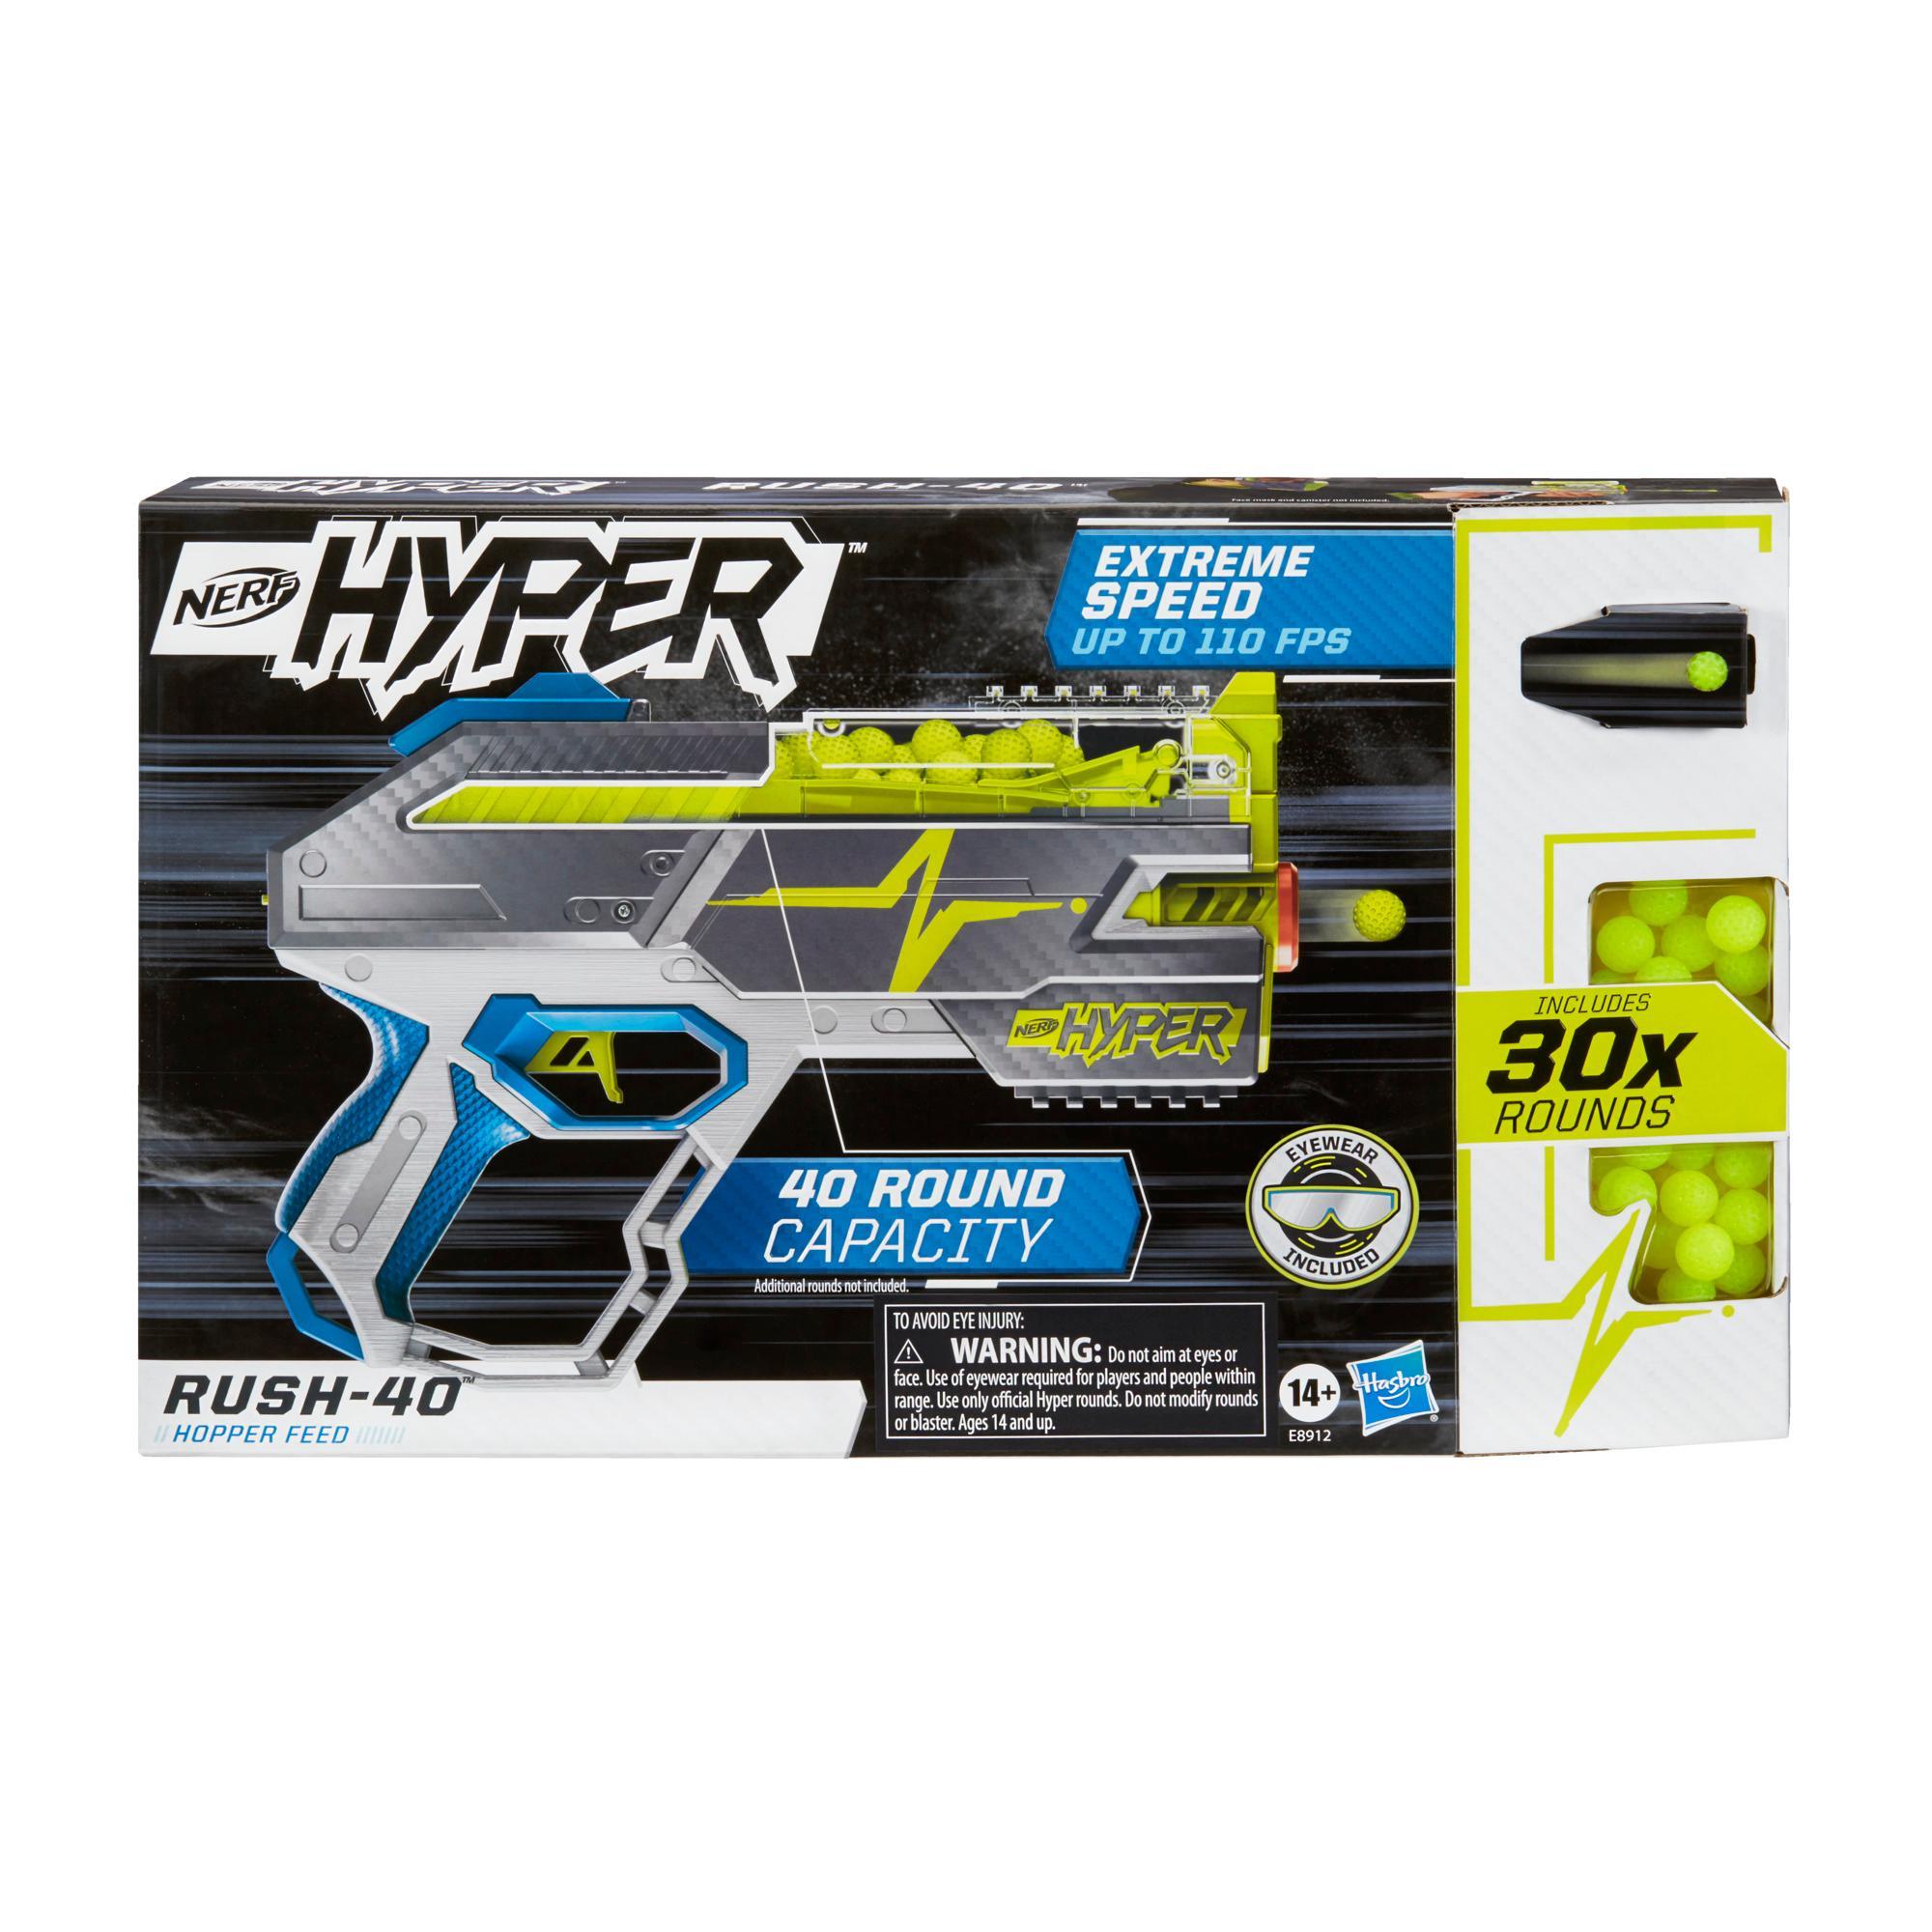 Nerf Hyper, blaster Rush-40, 30 billes en mousse Nerf Hyper, vitesse de 33 m/s, recharge facile, capacité de 40 billes